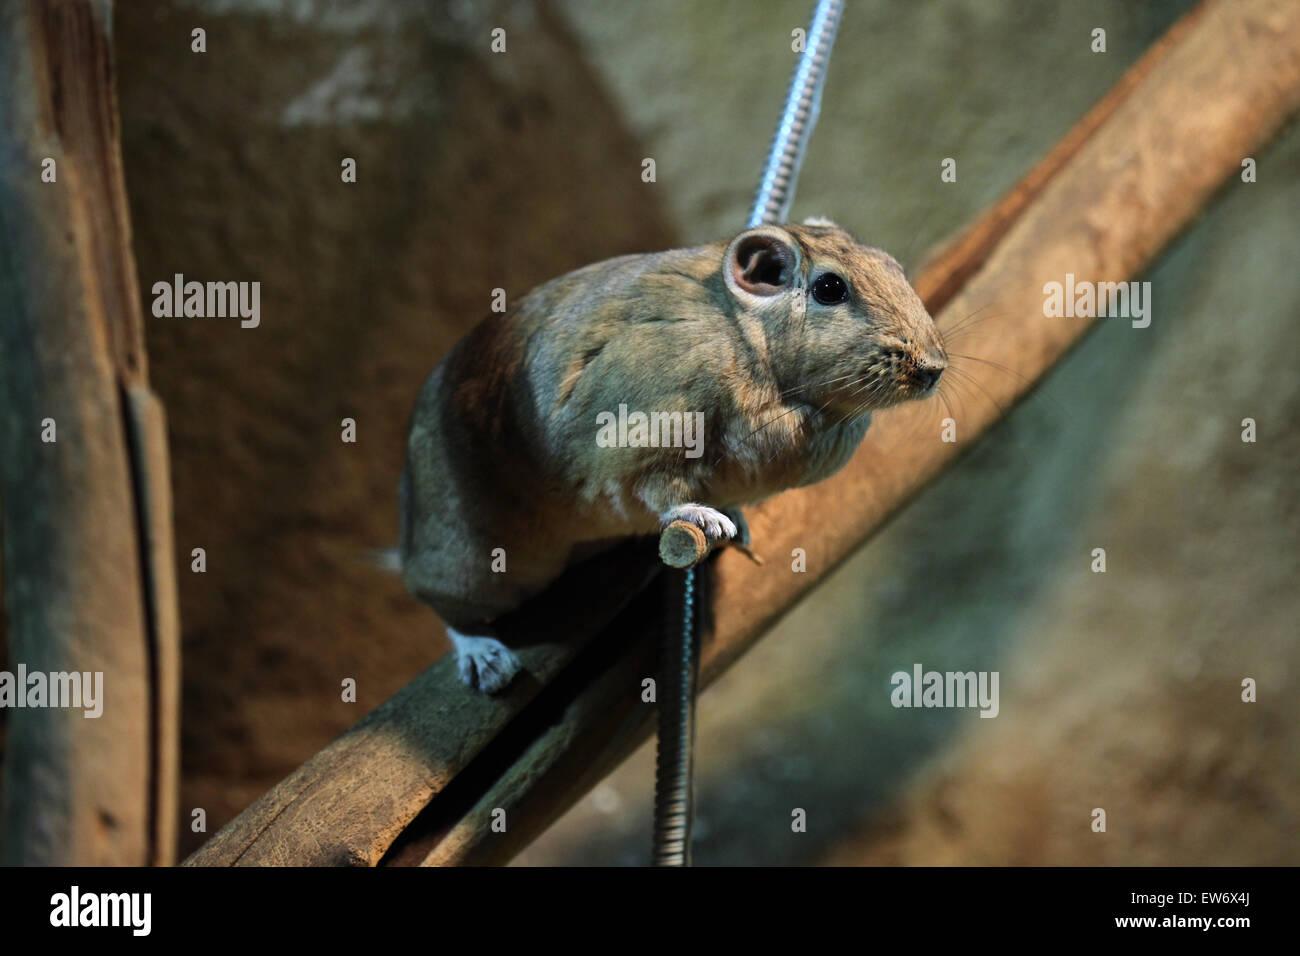 Common gundi (Ctenodactylus gundi) at Prague Zoo, Czech Republic. - Stock Image